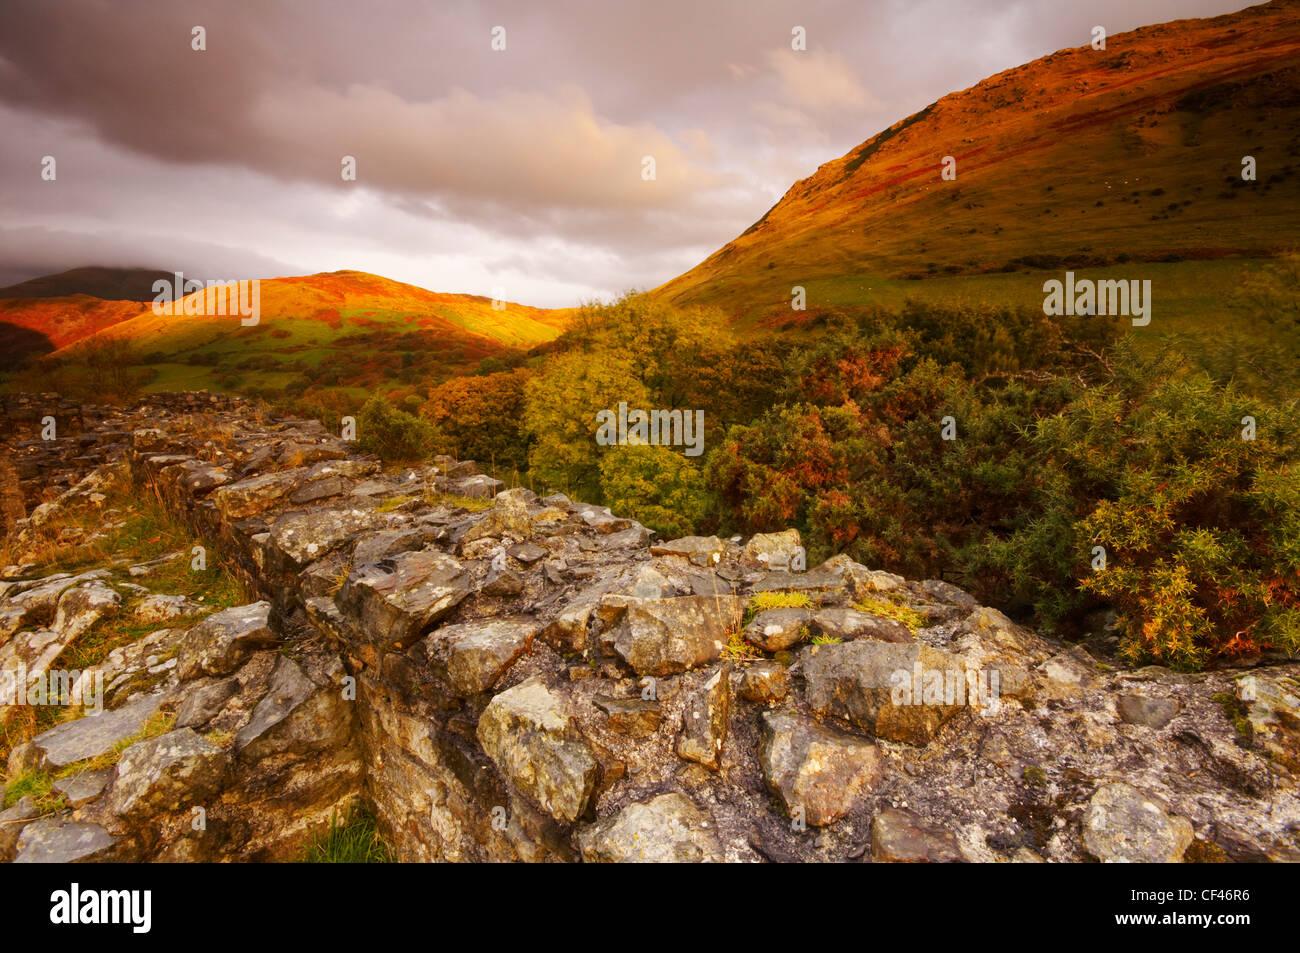 Die Hügel Ruine Castell Y Bere im Spätherbst Licht in Snowdonia. Stockbild